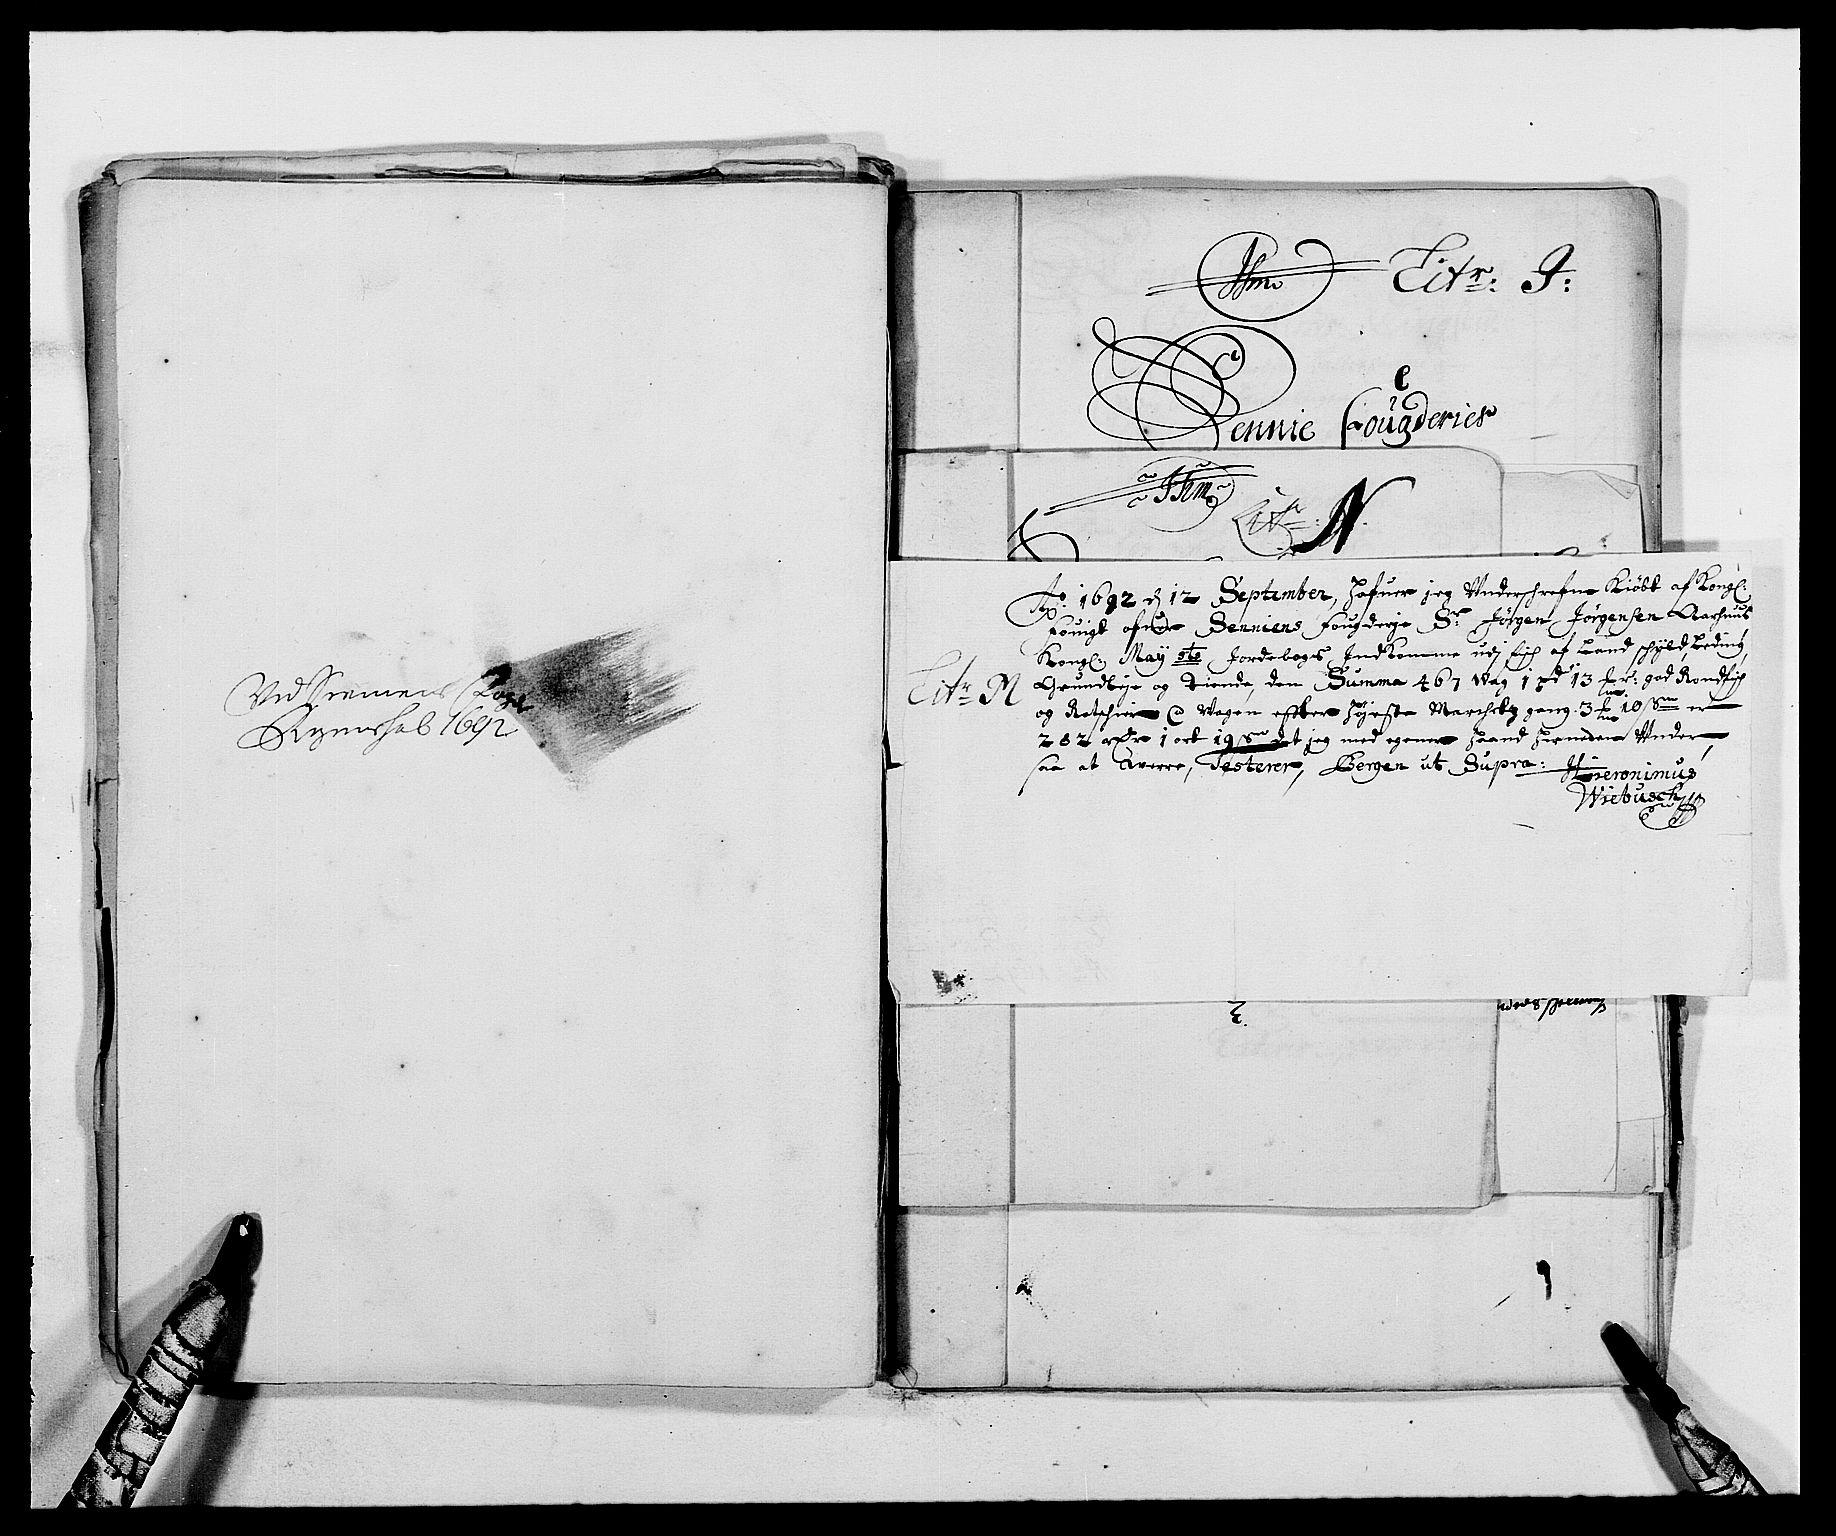 RA, Rentekammeret inntil 1814, Reviderte regnskaper, Fogderegnskap, R68/L4752: Fogderegnskap Senja og Troms, 1691-1693, s. 248